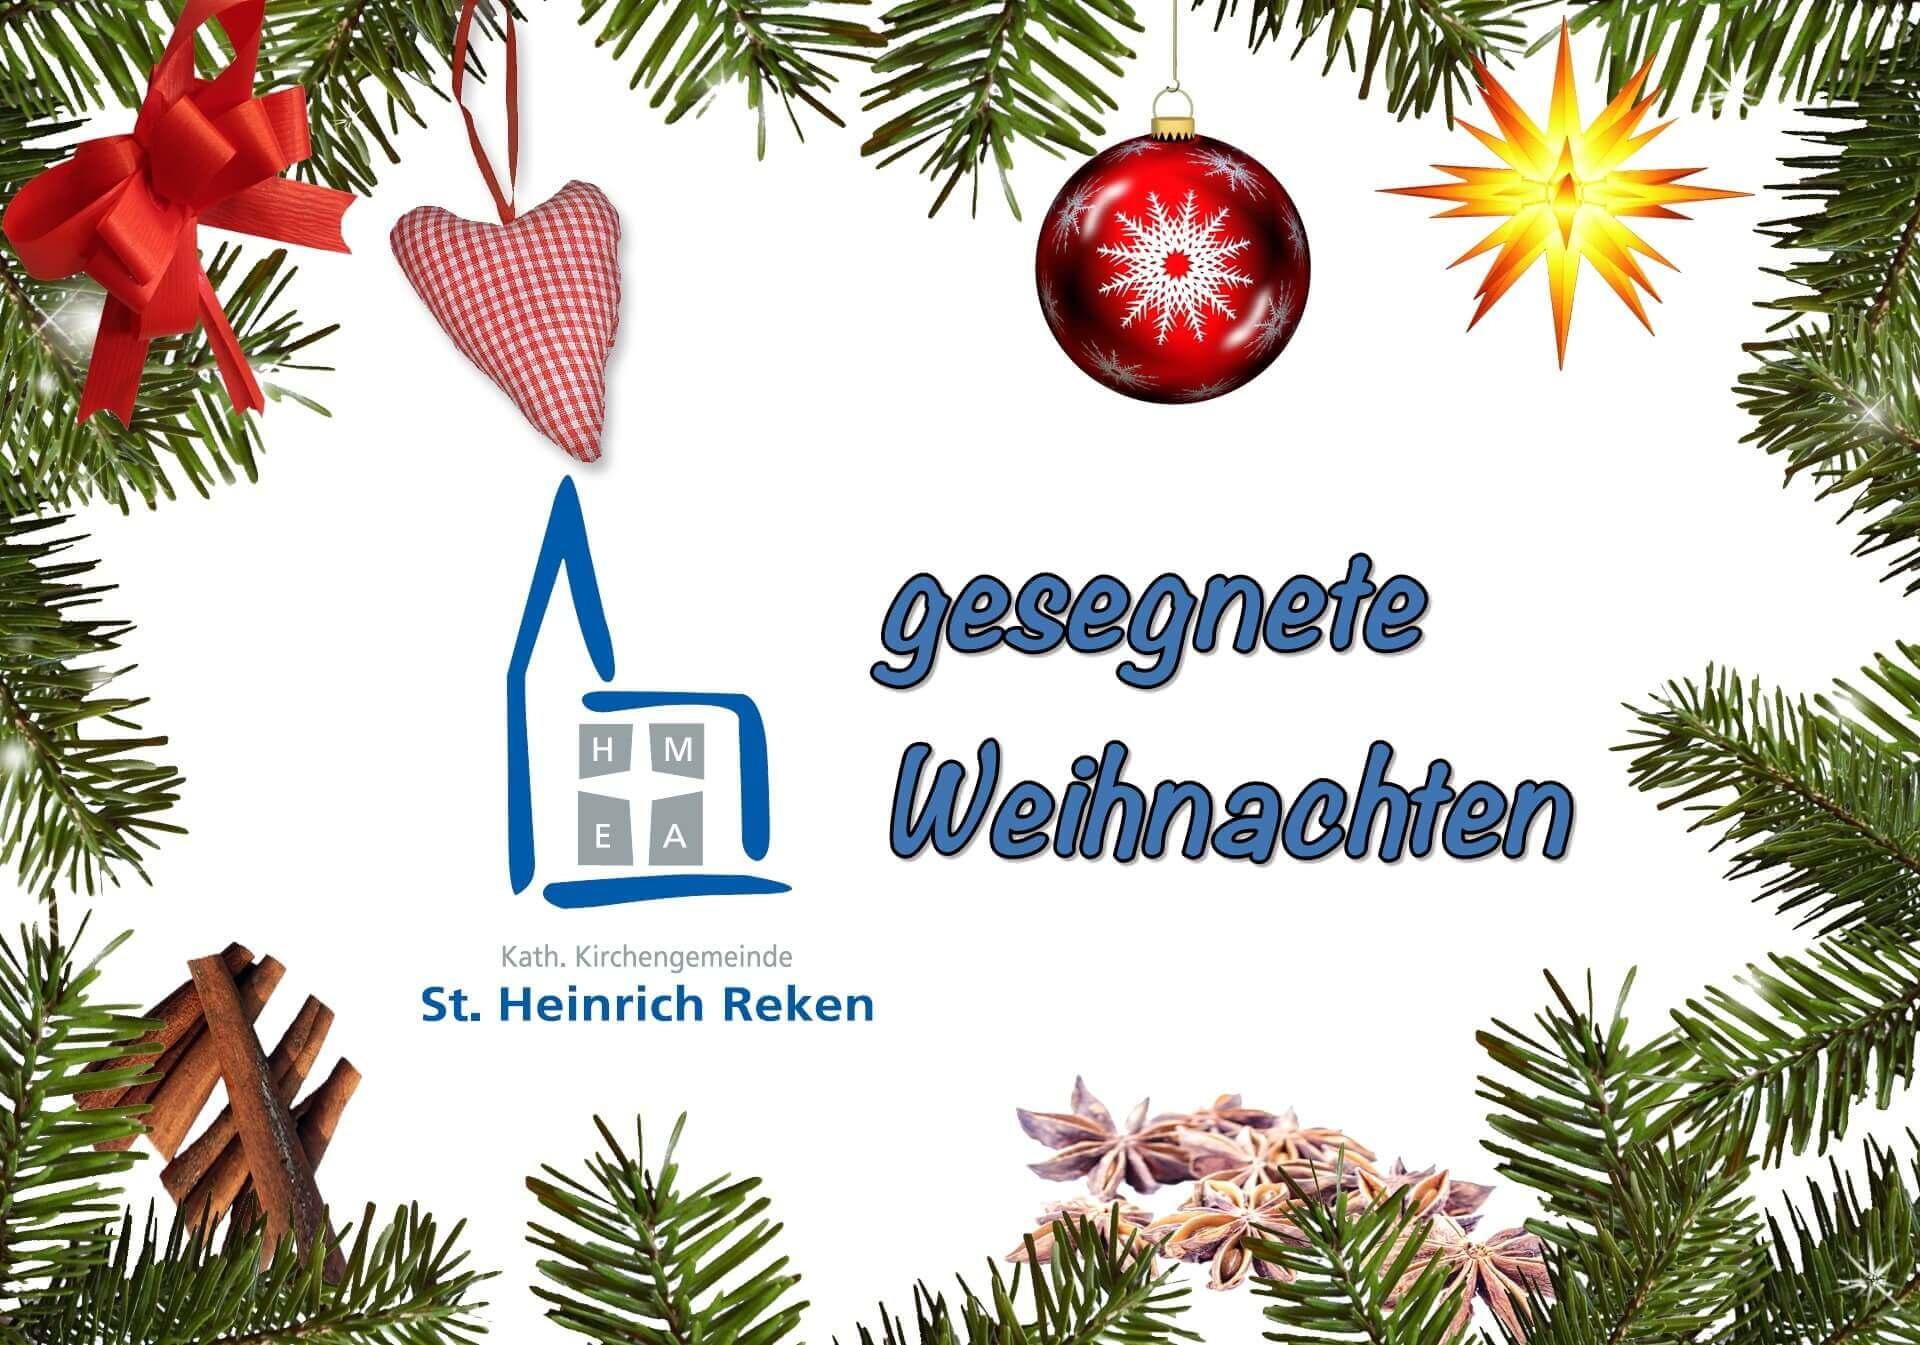 Frohe Und Gesegnete Weihnachten.Frohe Und Gesegnete Weihnachten Video Weihnachtsgruß Katholische